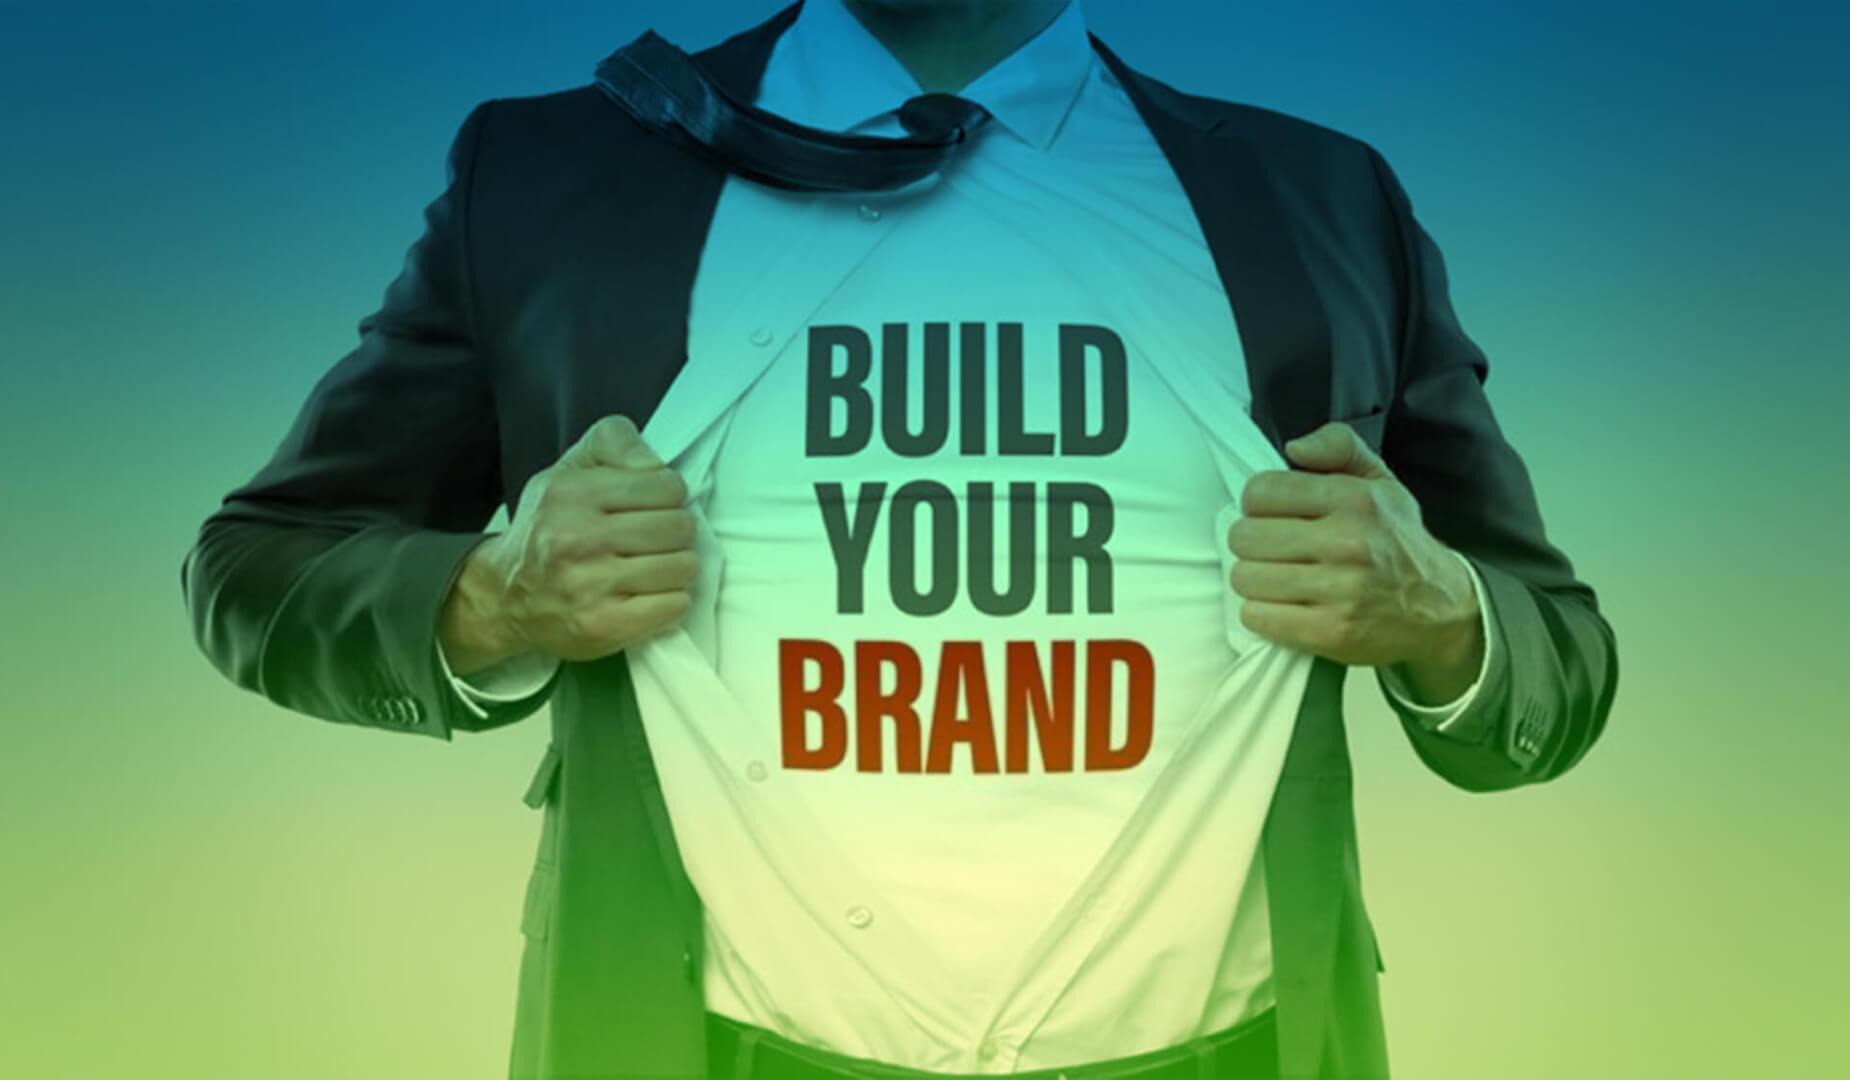 Bilde Deine authentische Marke